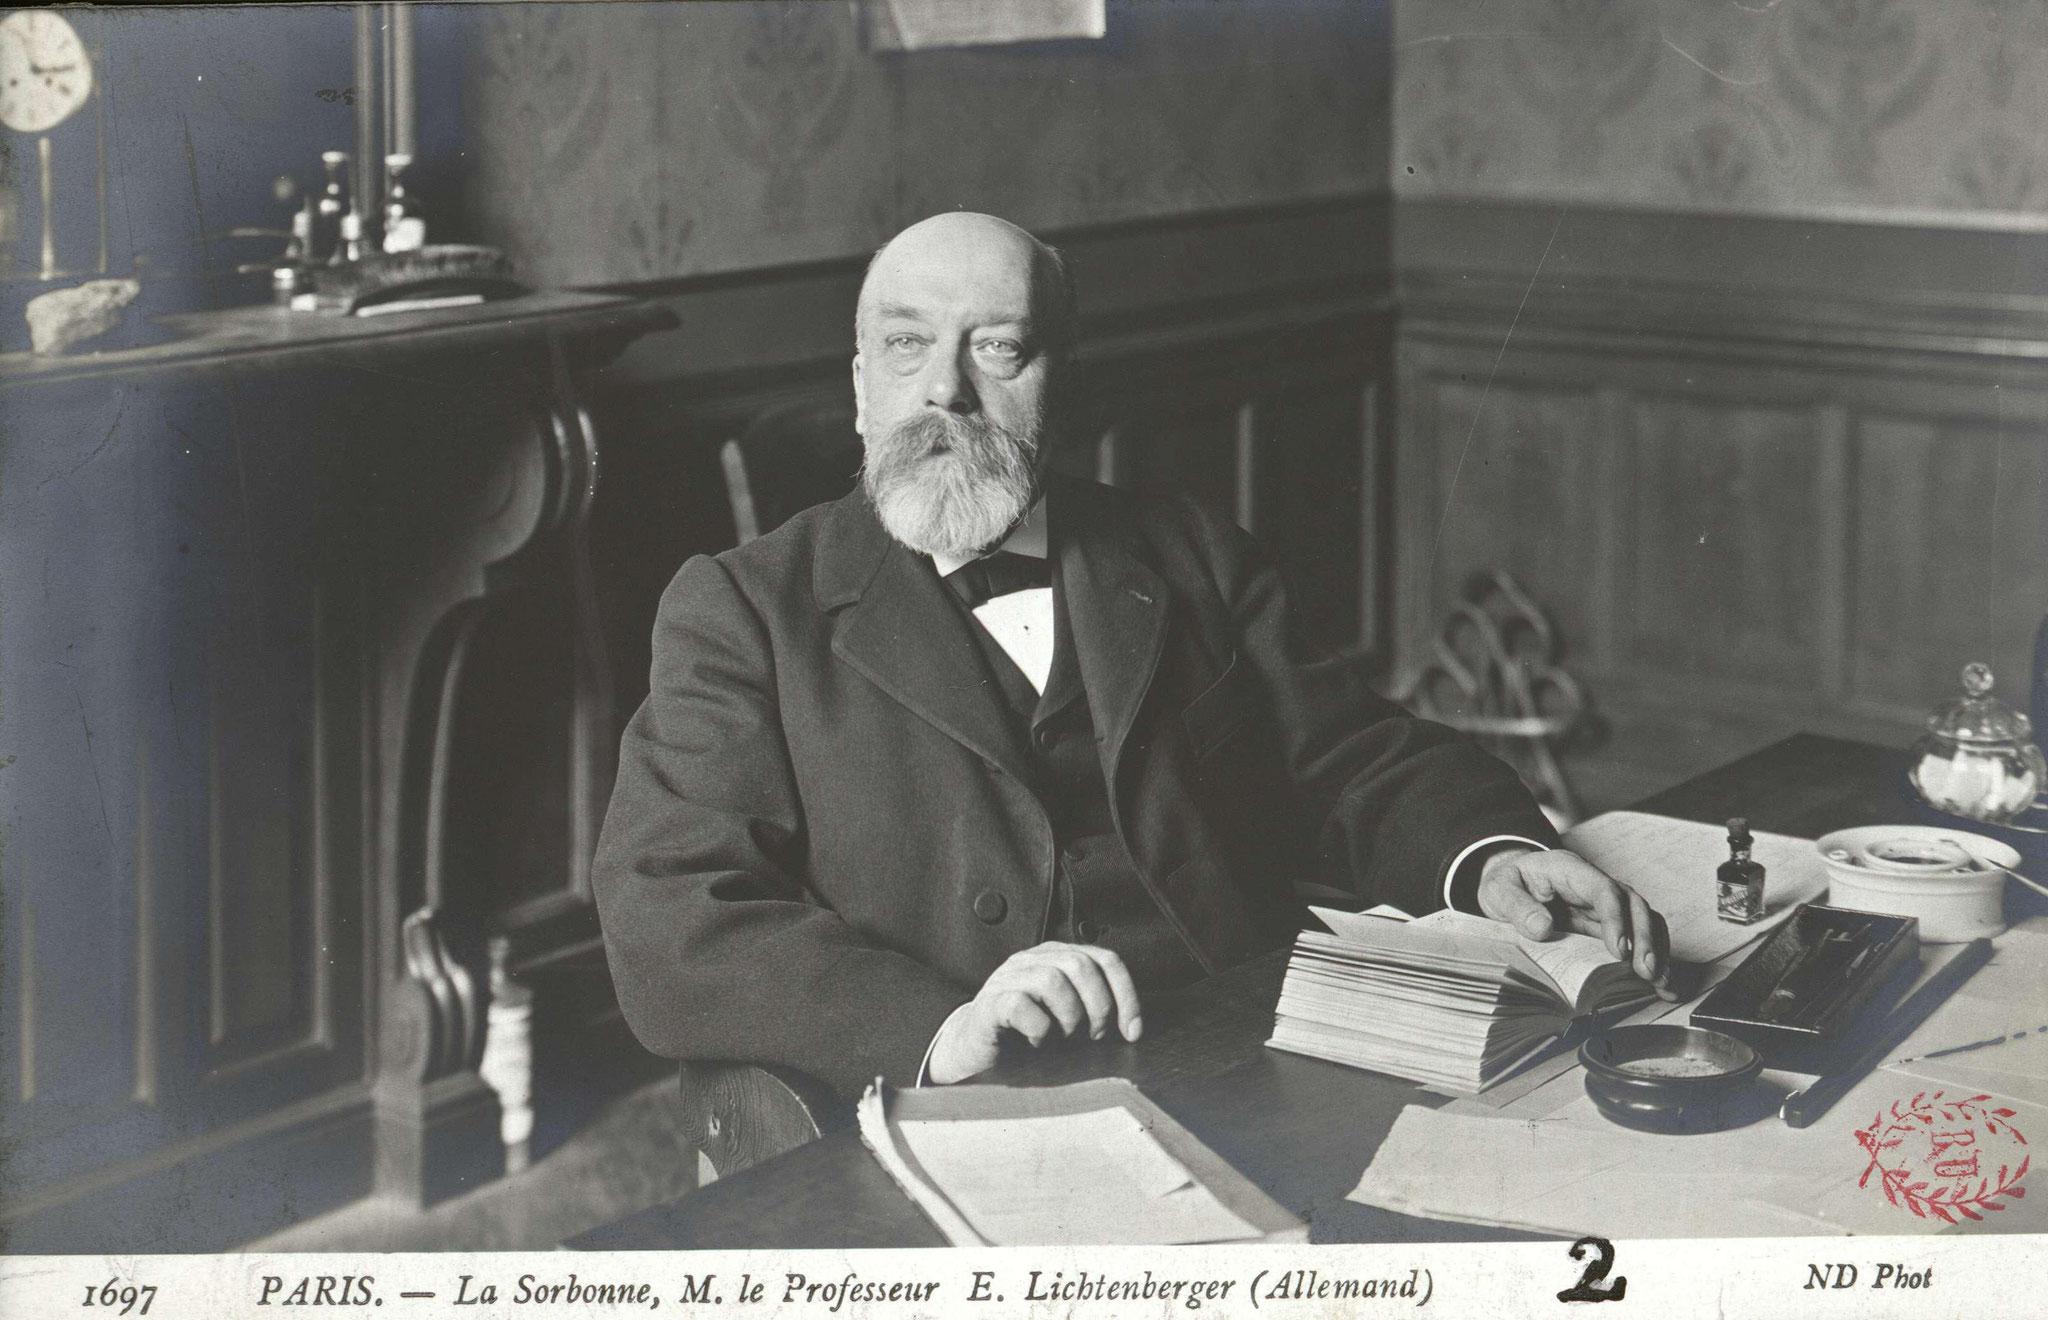 Henri Lichtenberger